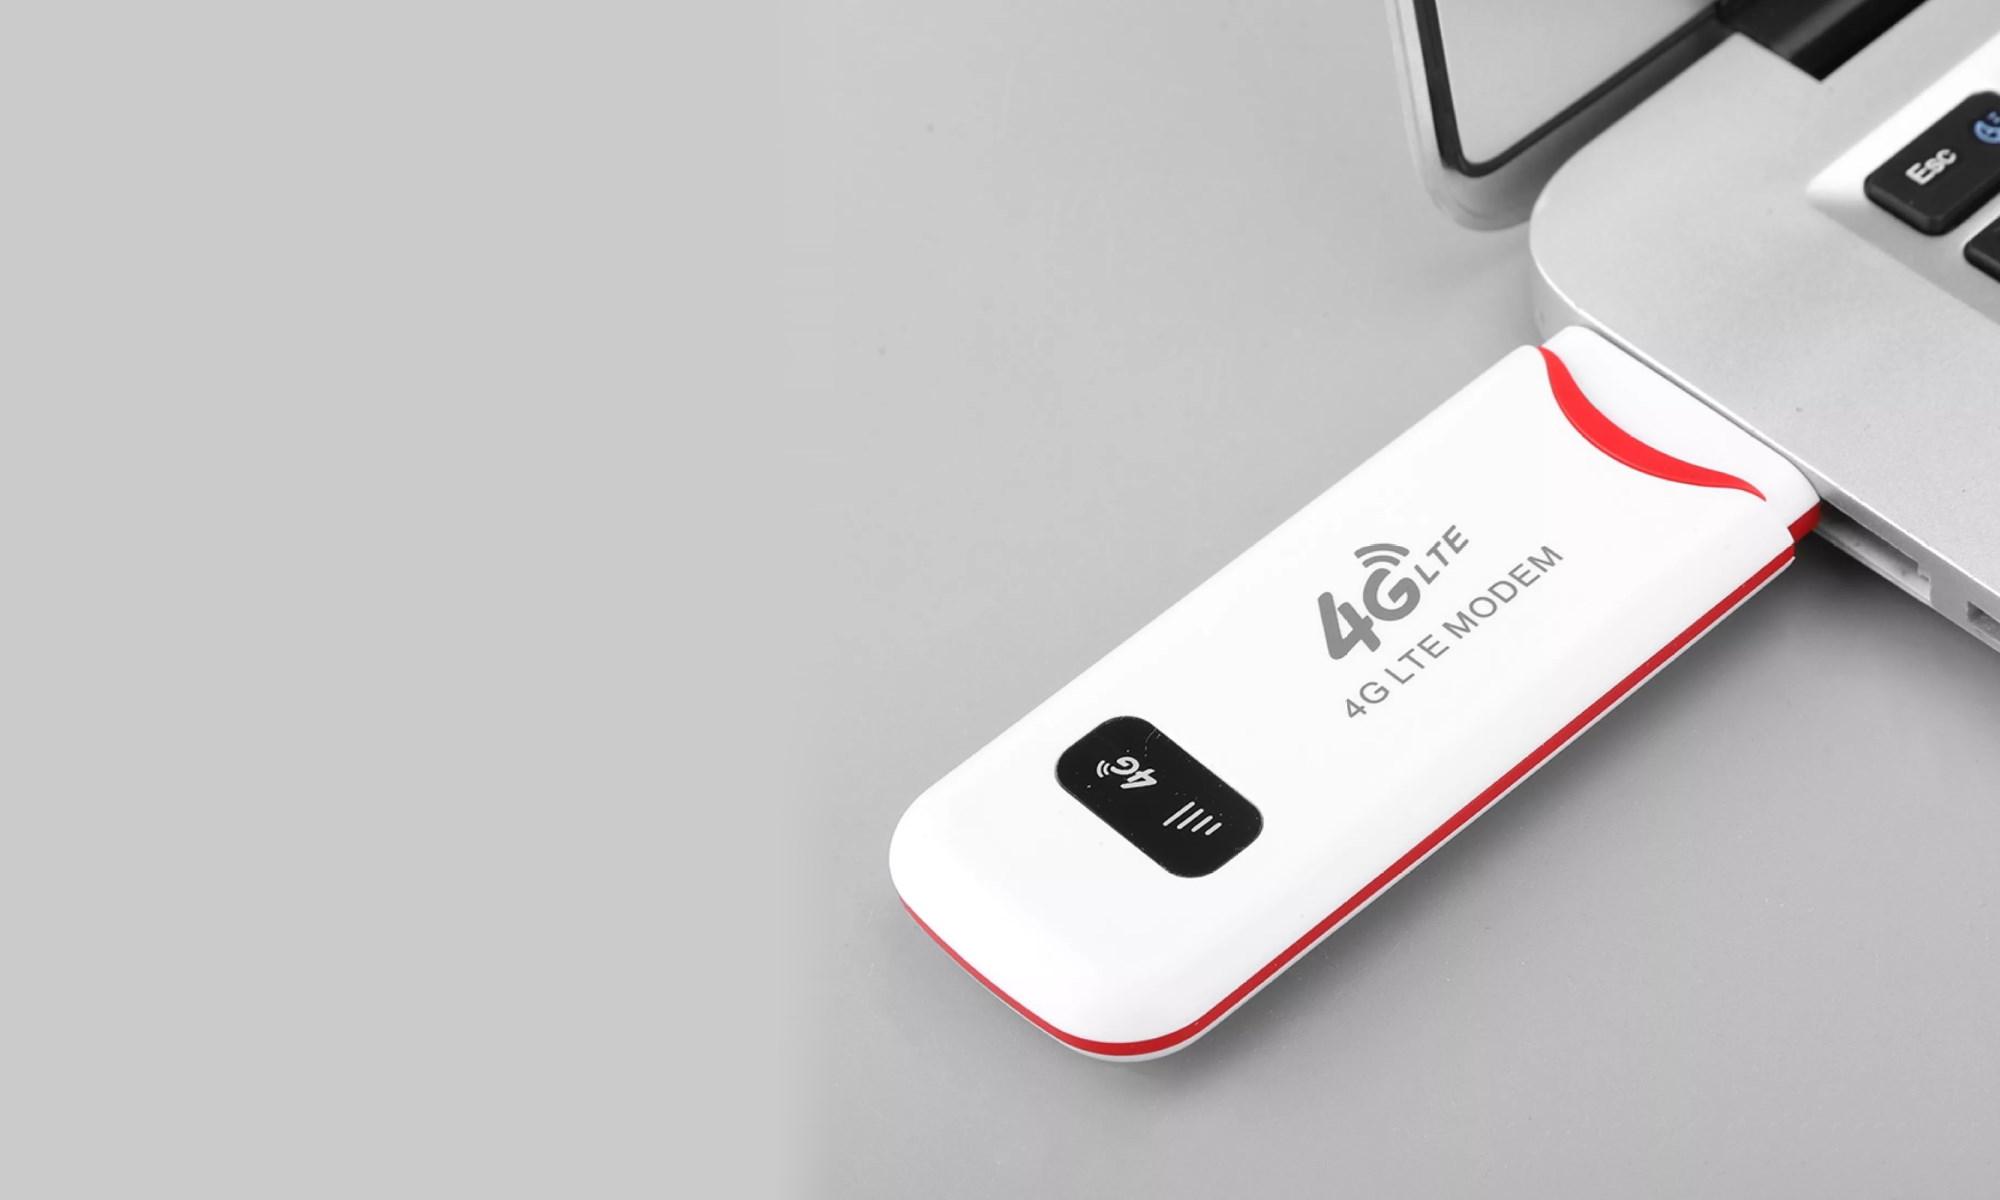 4G LTE USB модем